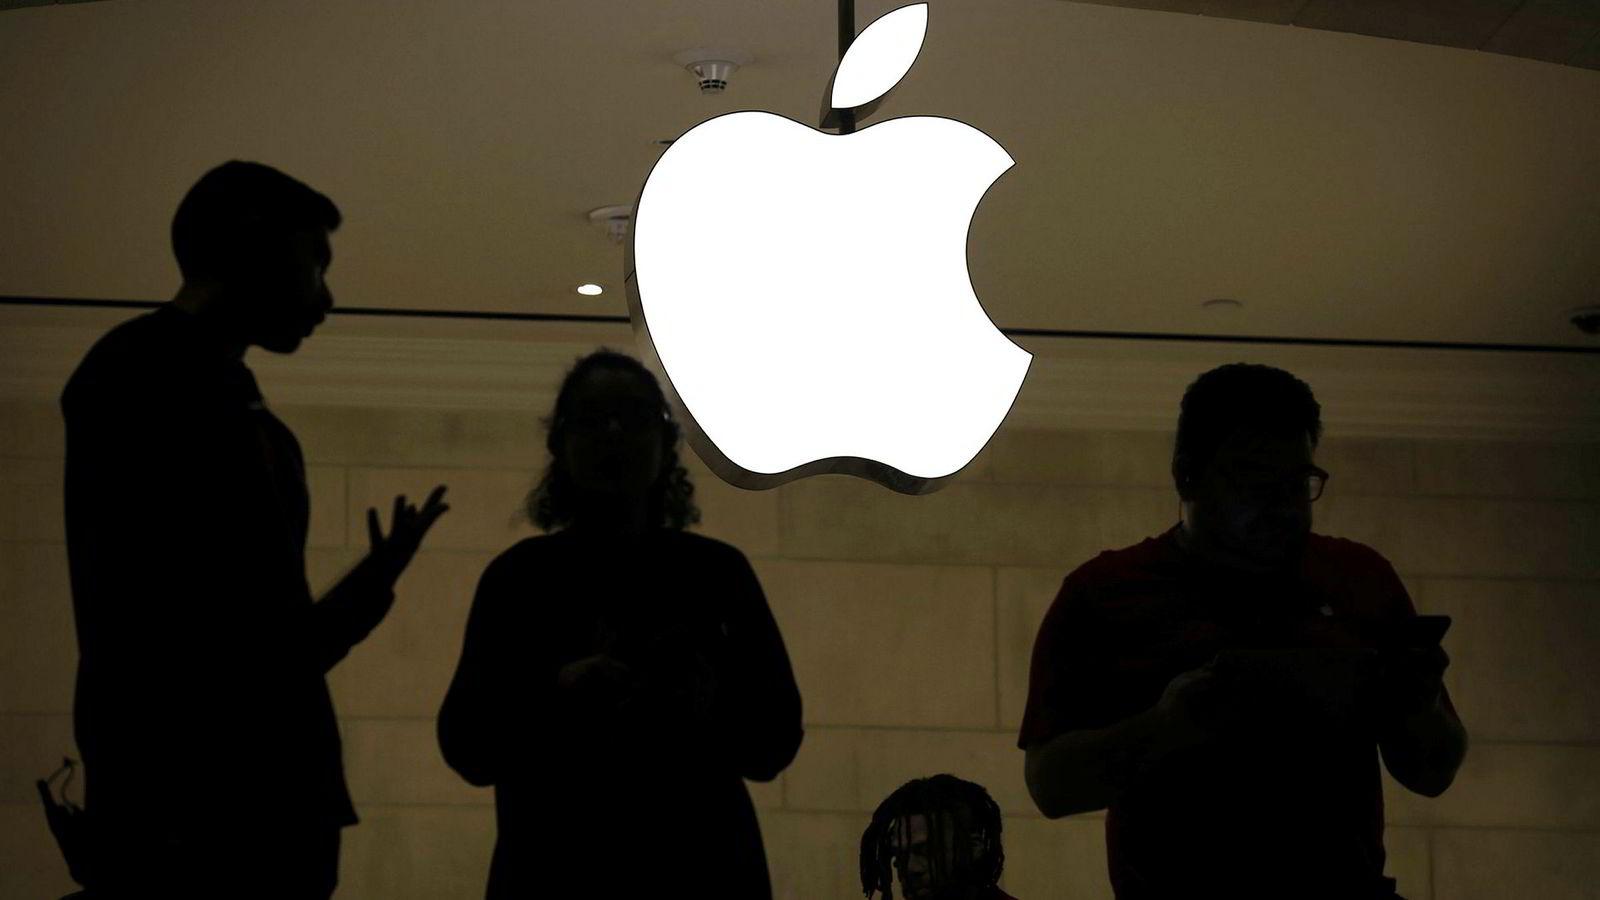 Fra Apples butikk på Grand Central Terminal i New York torsdag, samme dag som selskapet stupte nær ti prosent på børsene og sendte skjelvinger gjennom finansmarkedene i frykt for globale virkninger av nedbremsing i kinesisk økonomi.